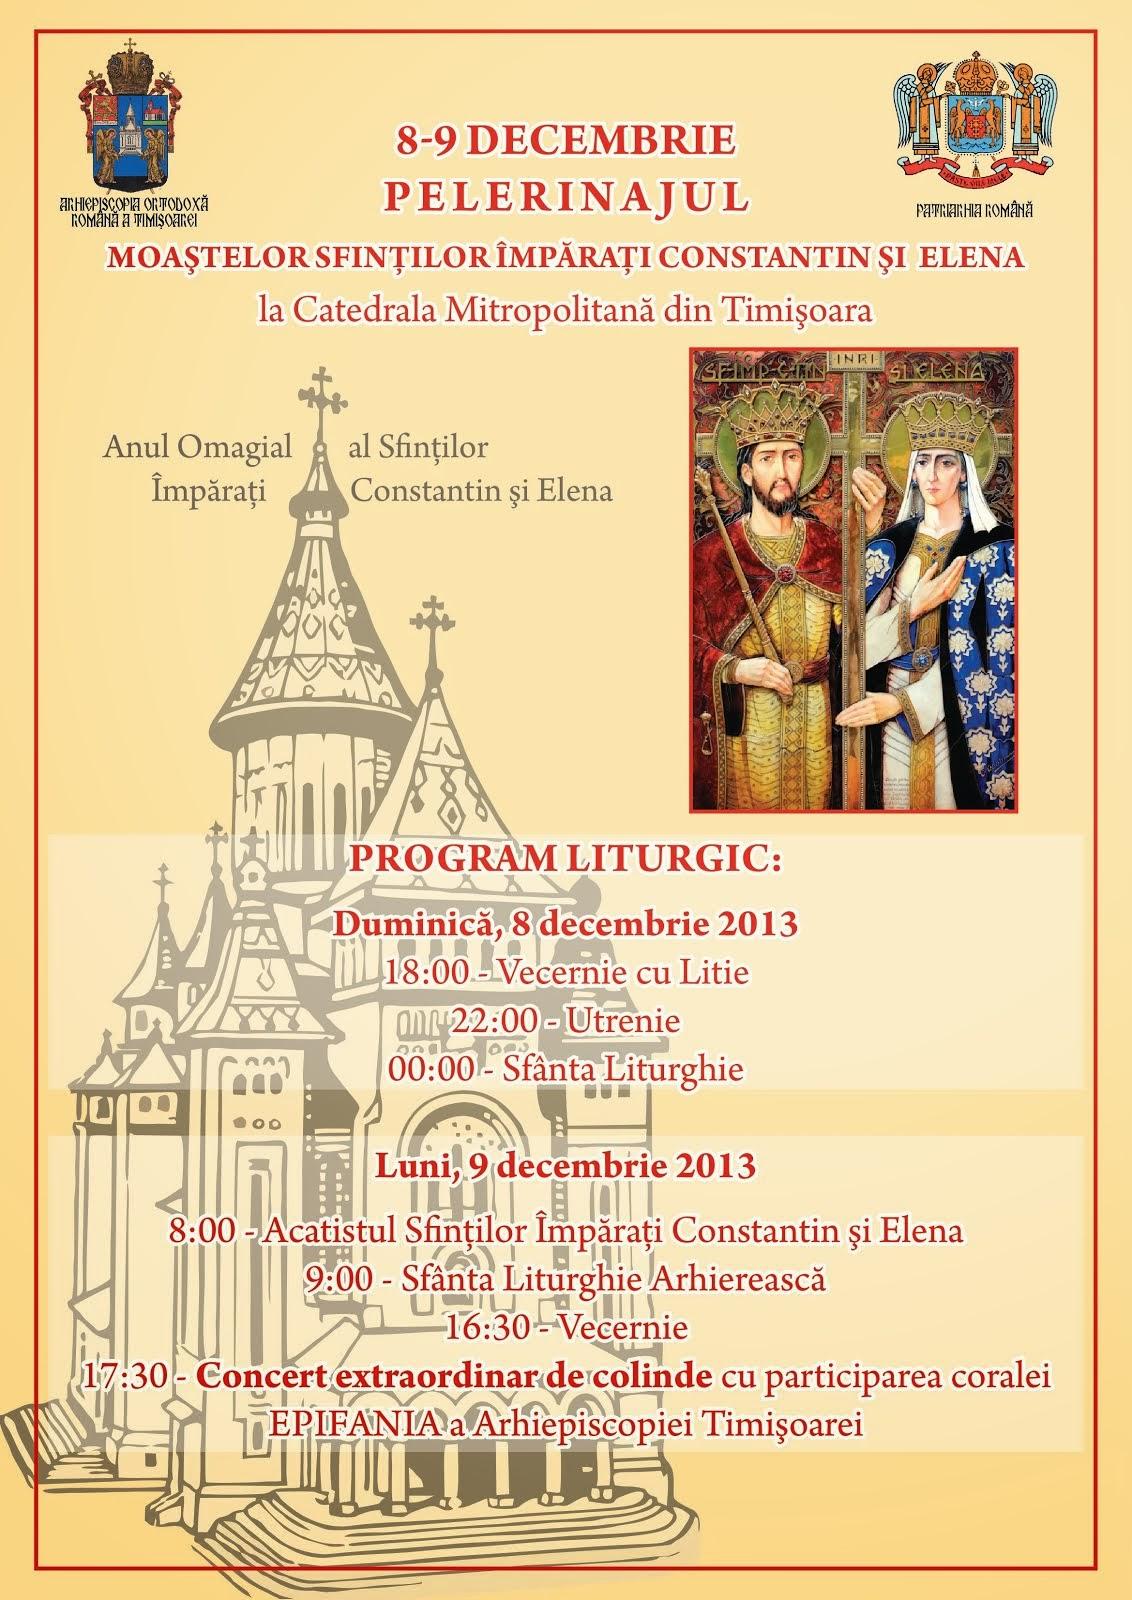 Moastele Sfintilor Imparati Constantin si Elena la Timisoara !